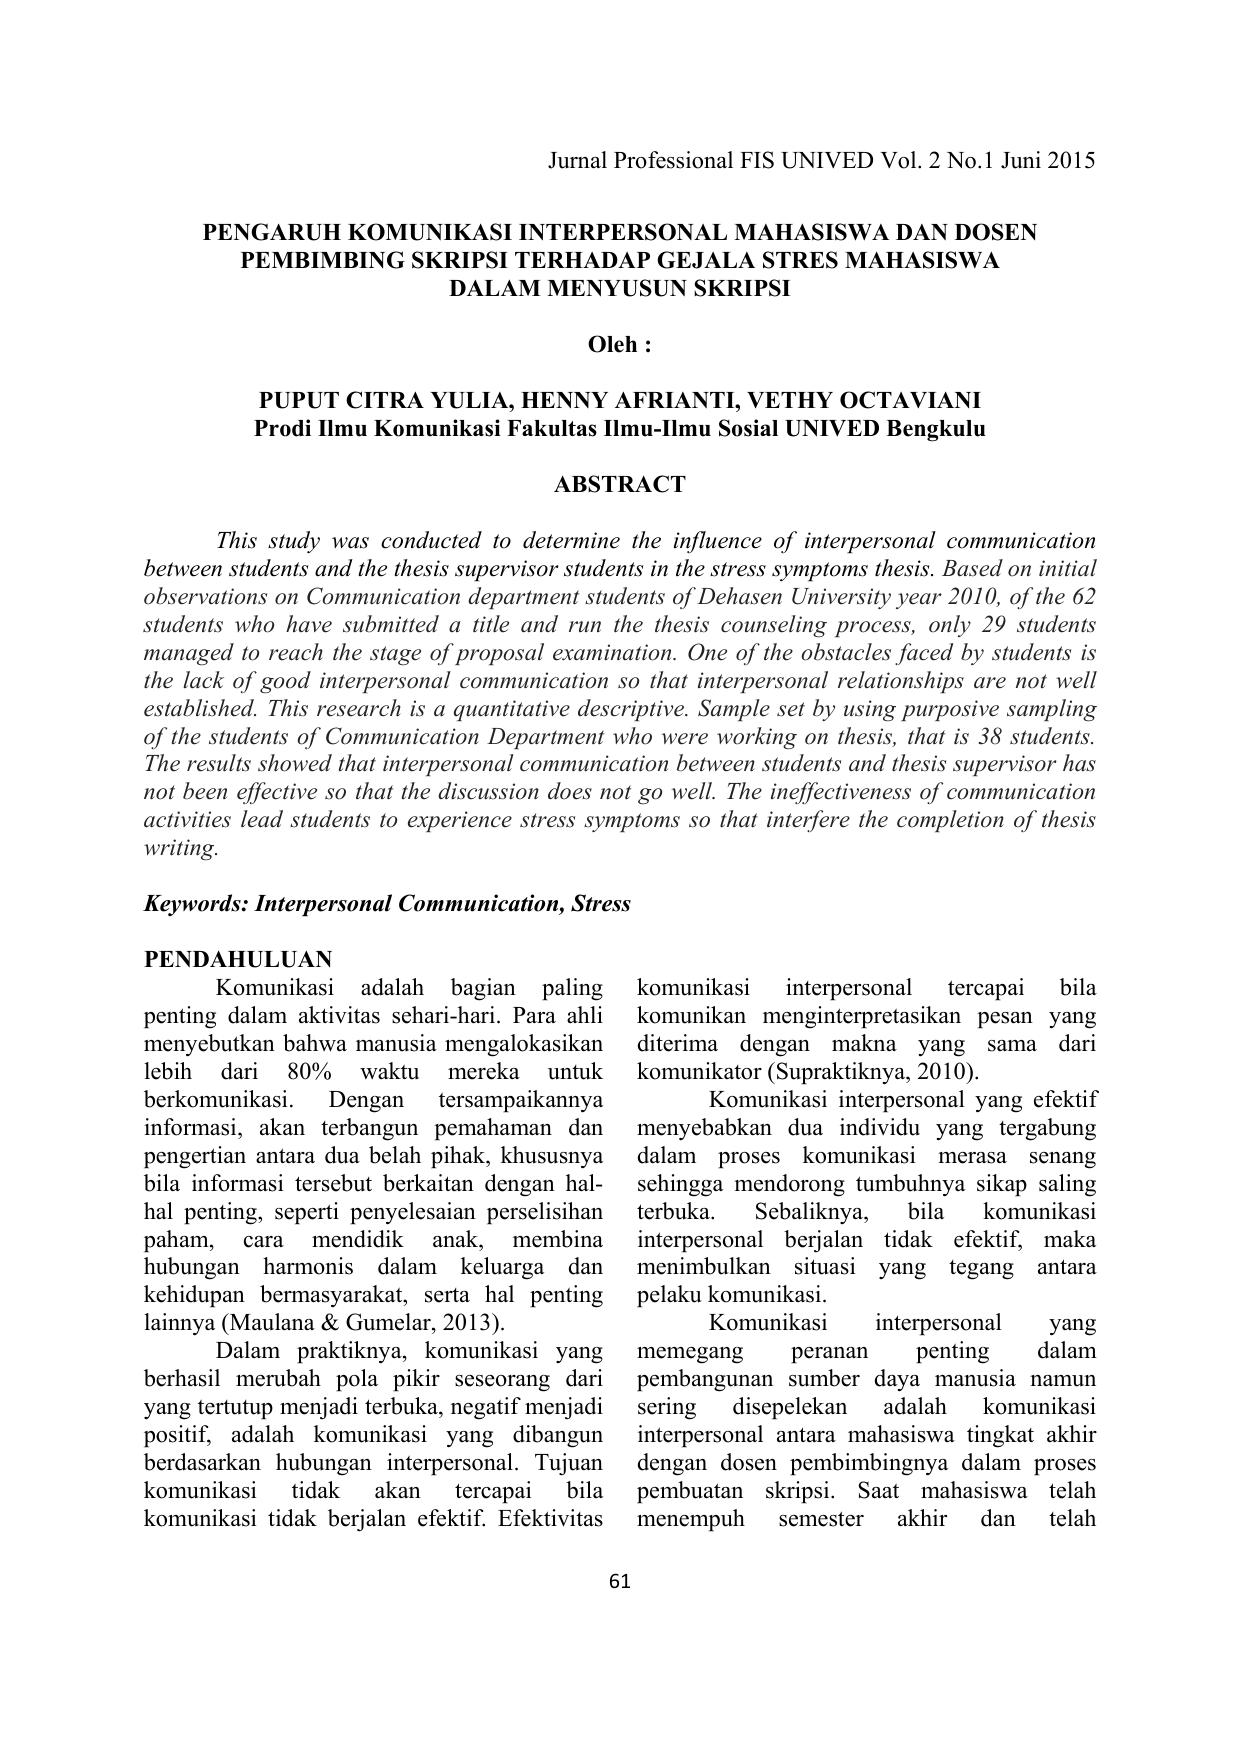 Jurnal Professional Fis Unived Vol 2 No 1 Juni 2015 Pengaruh